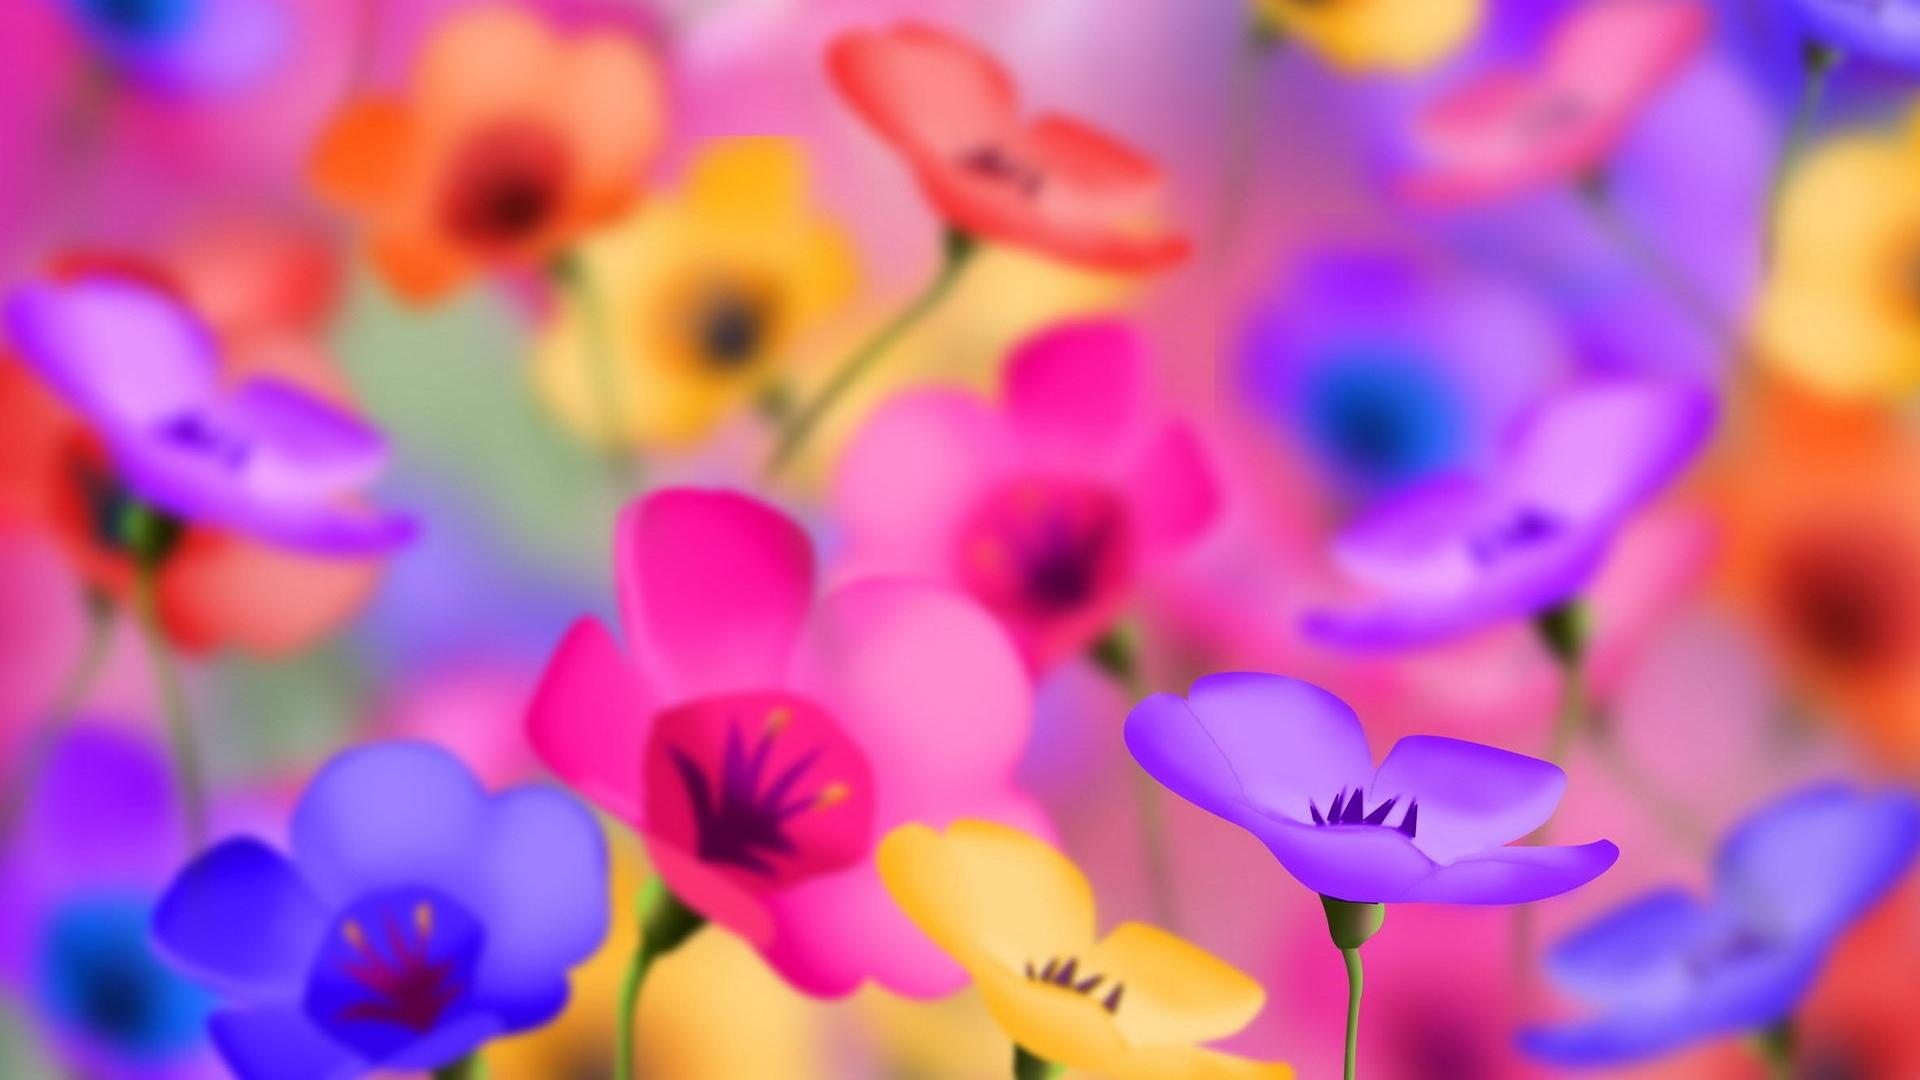 Full HD Flower Wallpaper WallpaperSafari